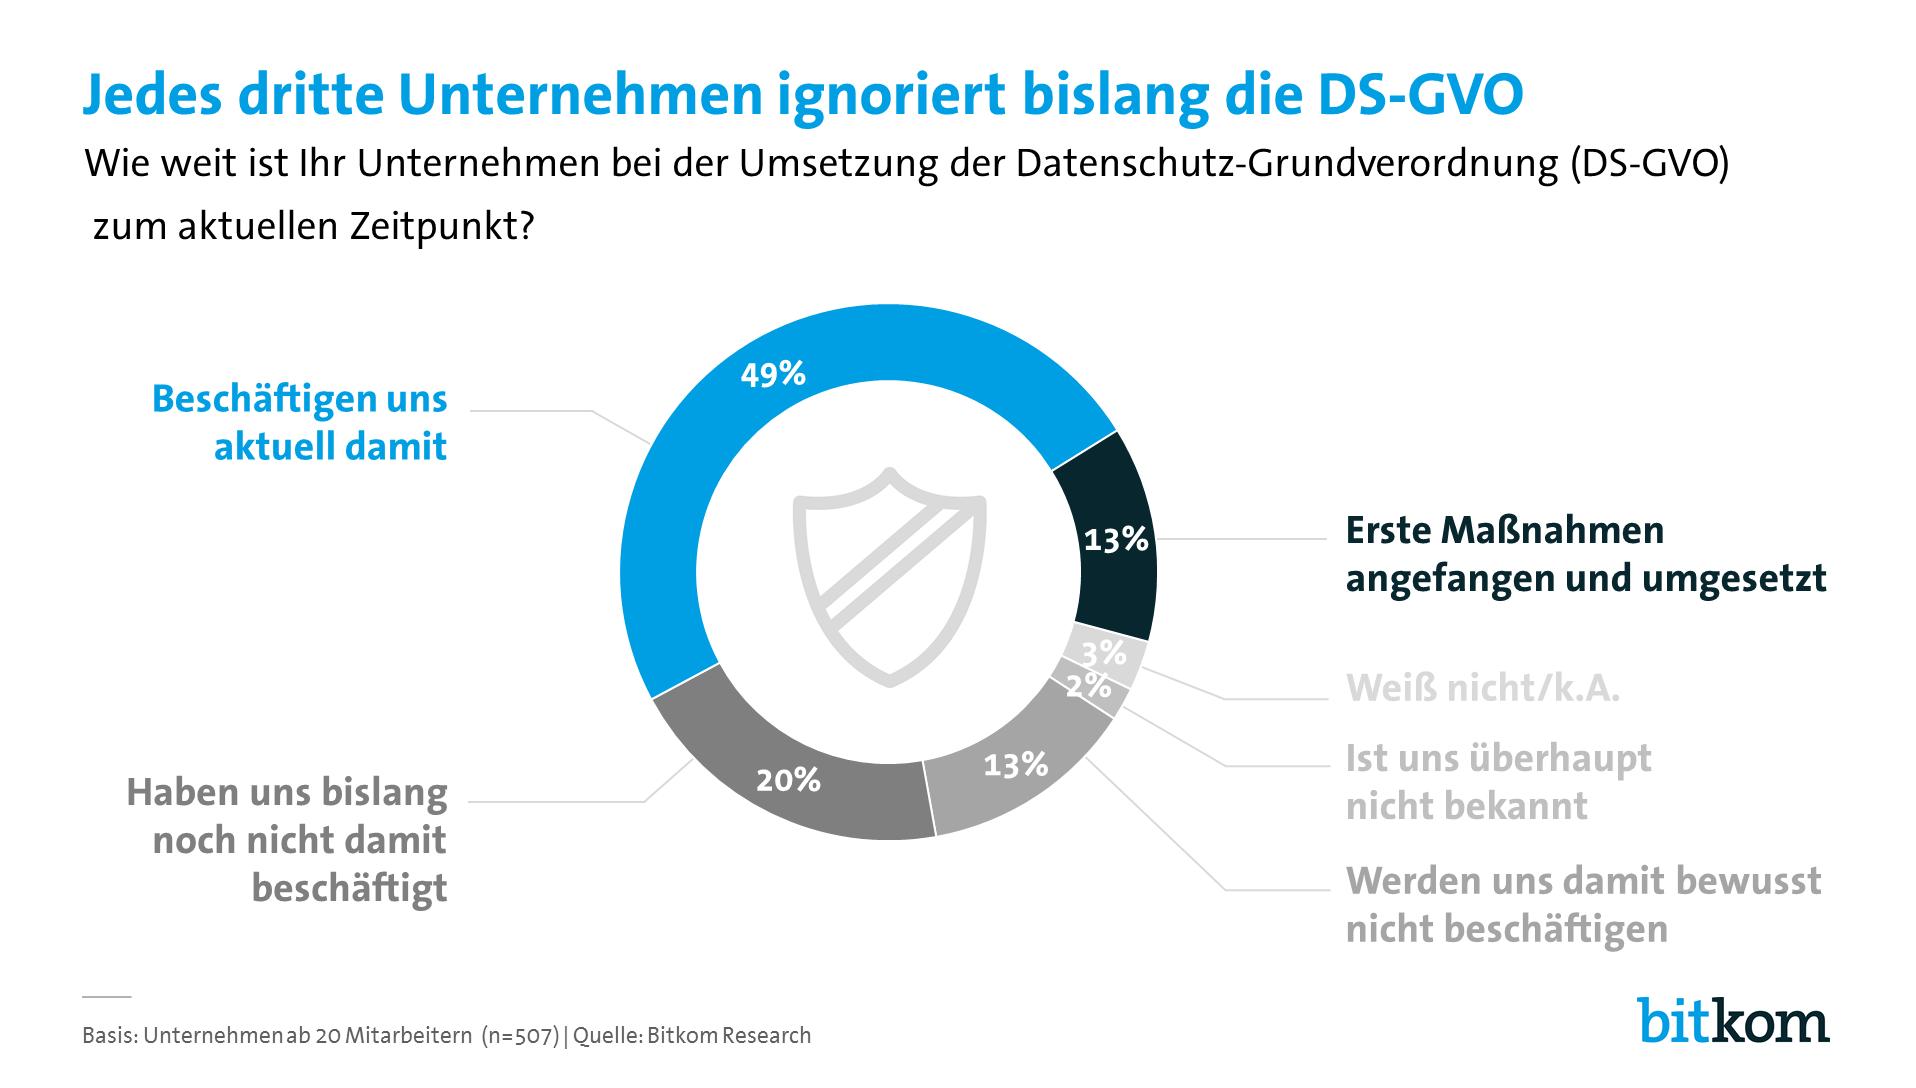 Datenschutzgrundverordnung Mehrheit ignoriert Anforderungen